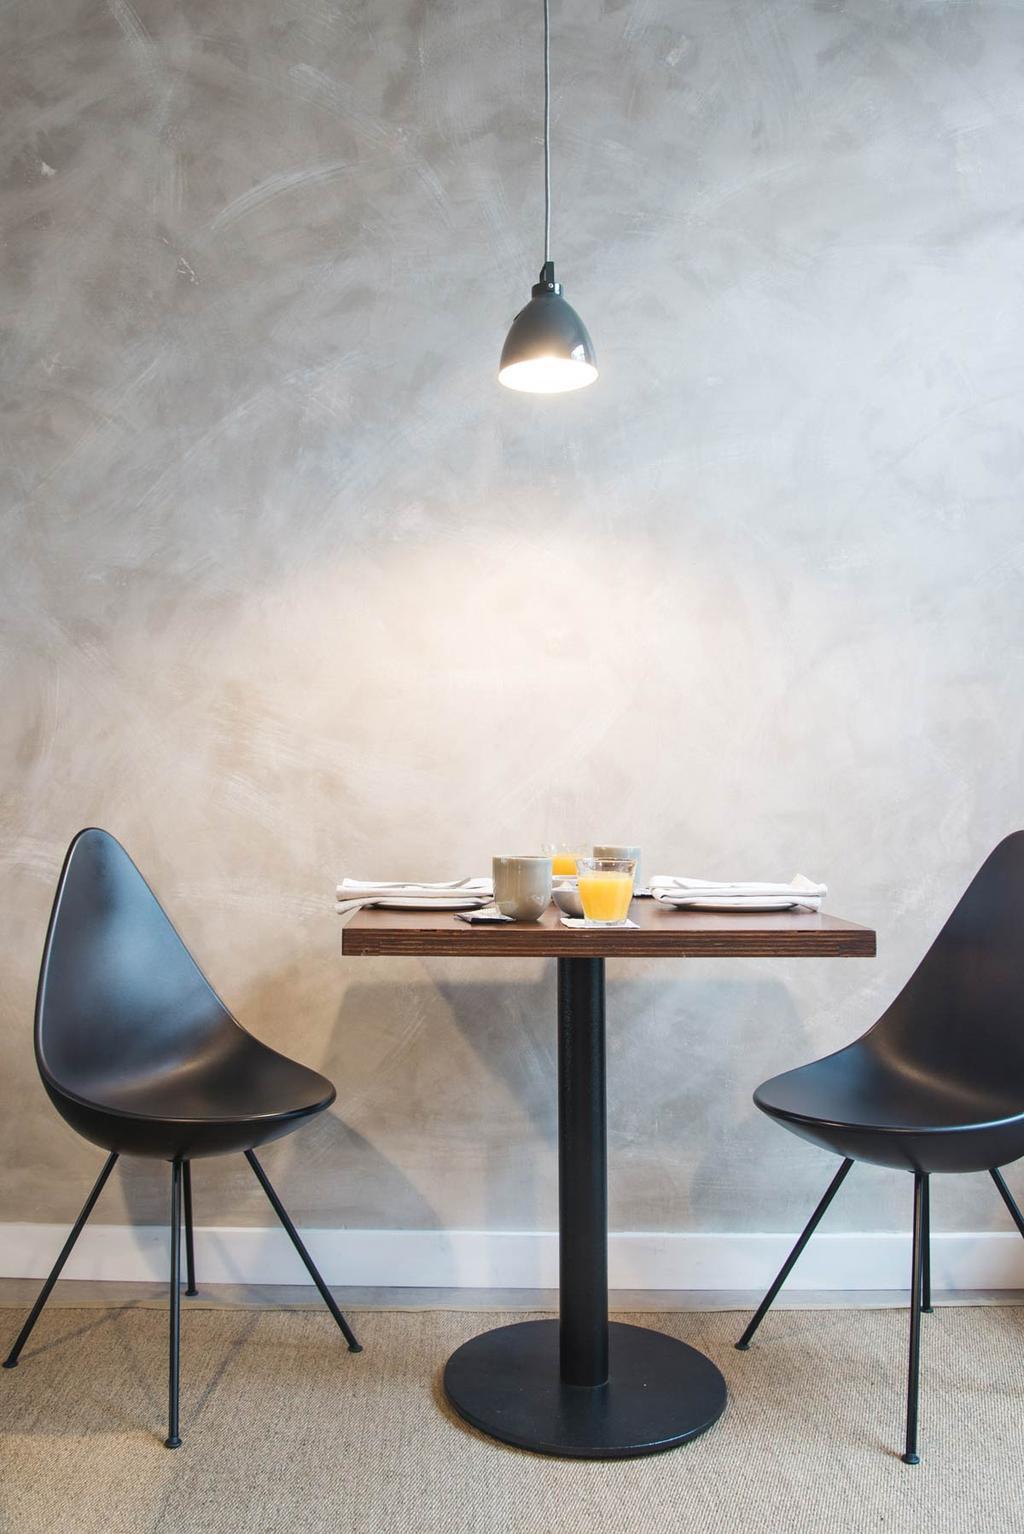 Ontbijten aan de eettafel met zwarte stoelen en betonlook muur in B&B The Doghouse in Brugge